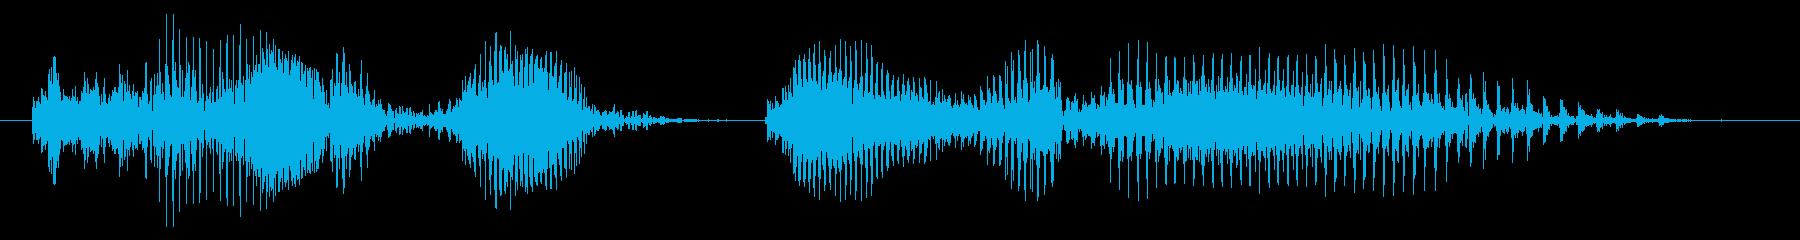 かかってきなの再生済みの波形